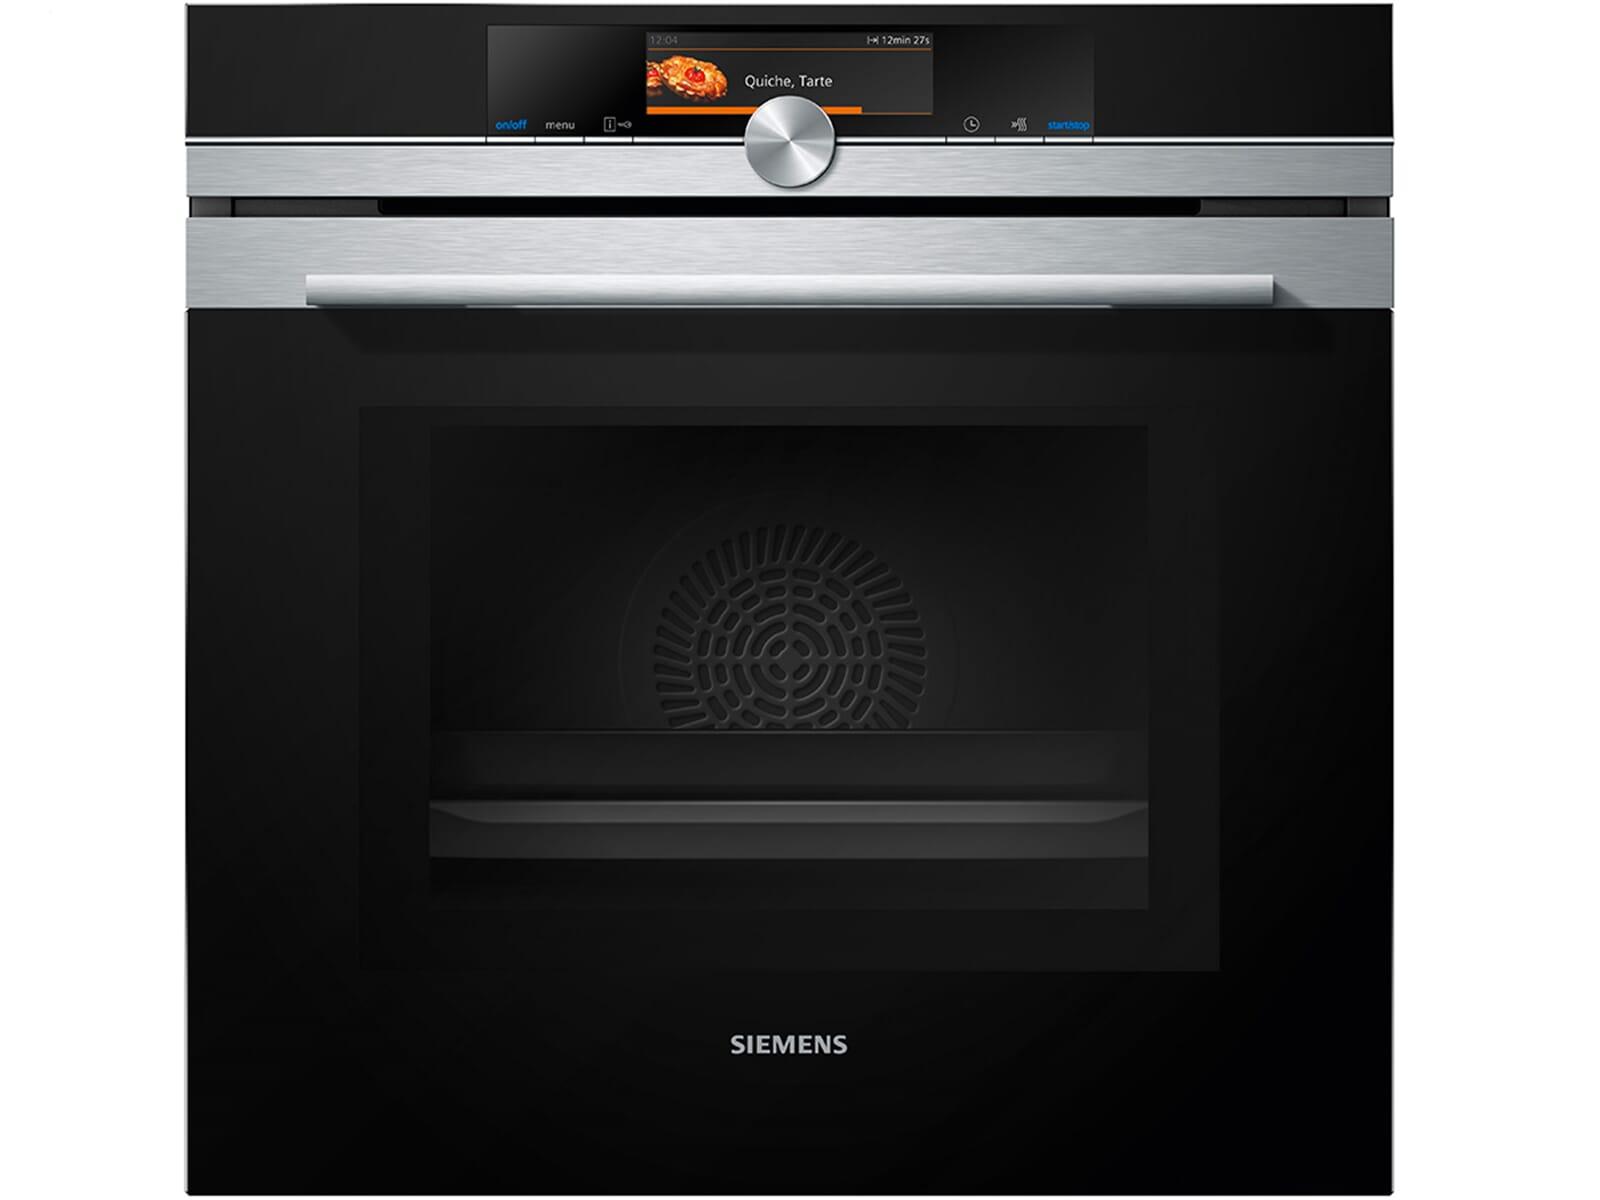 siemens hm638grs6 backofen mit mikrowelle edelstahl ebay. Black Bedroom Furniture Sets. Home Design Ideas